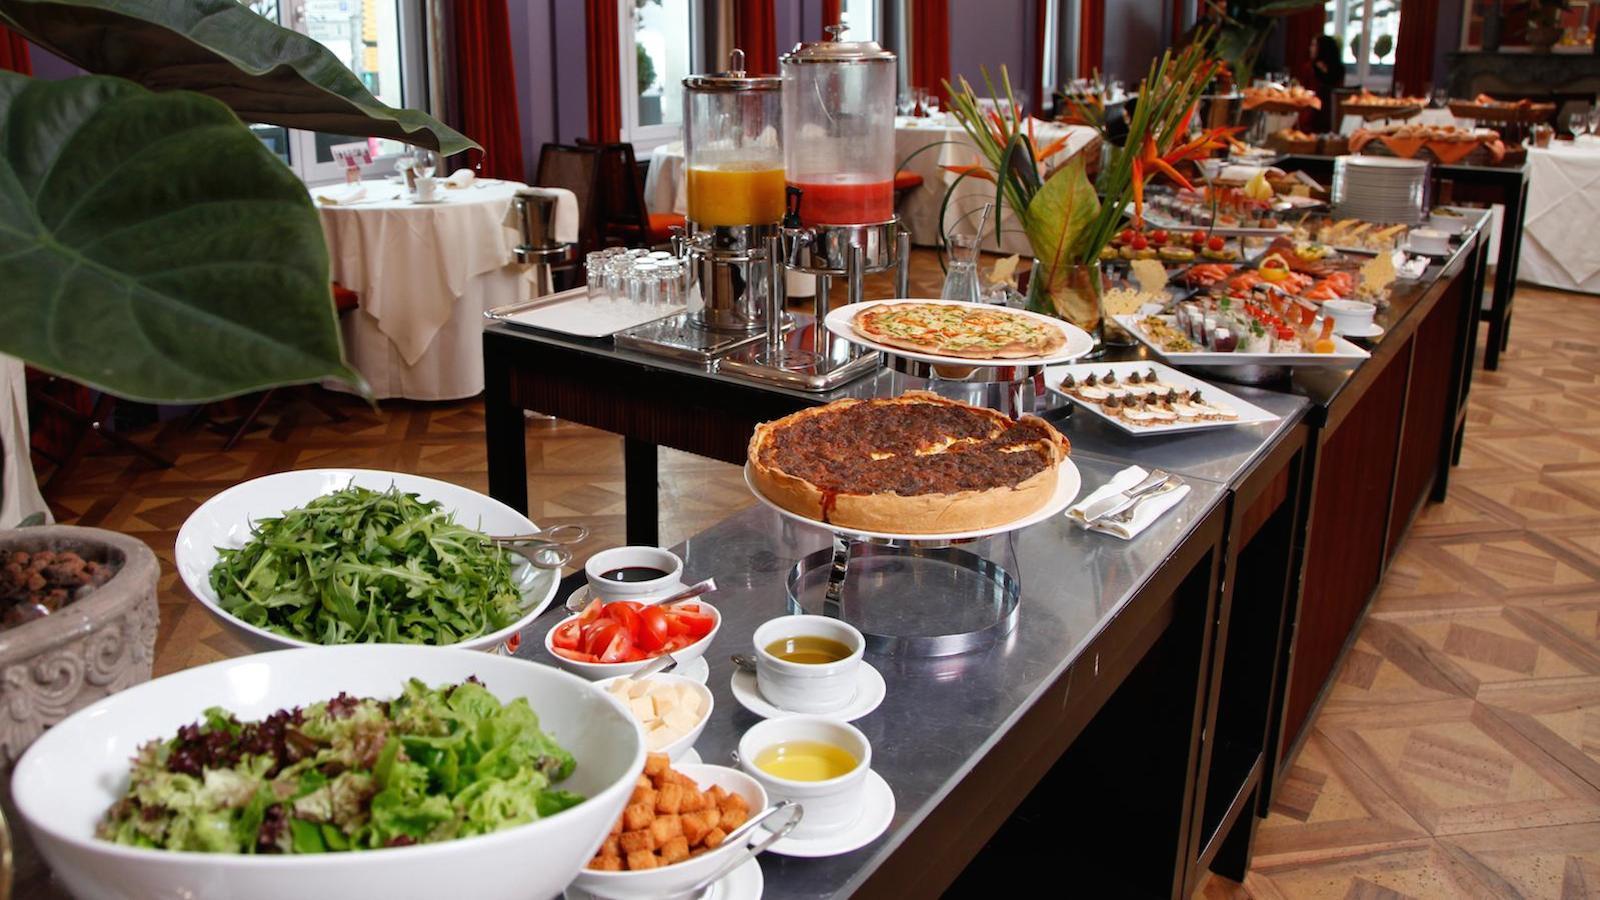 A hotel breakfast buffet.